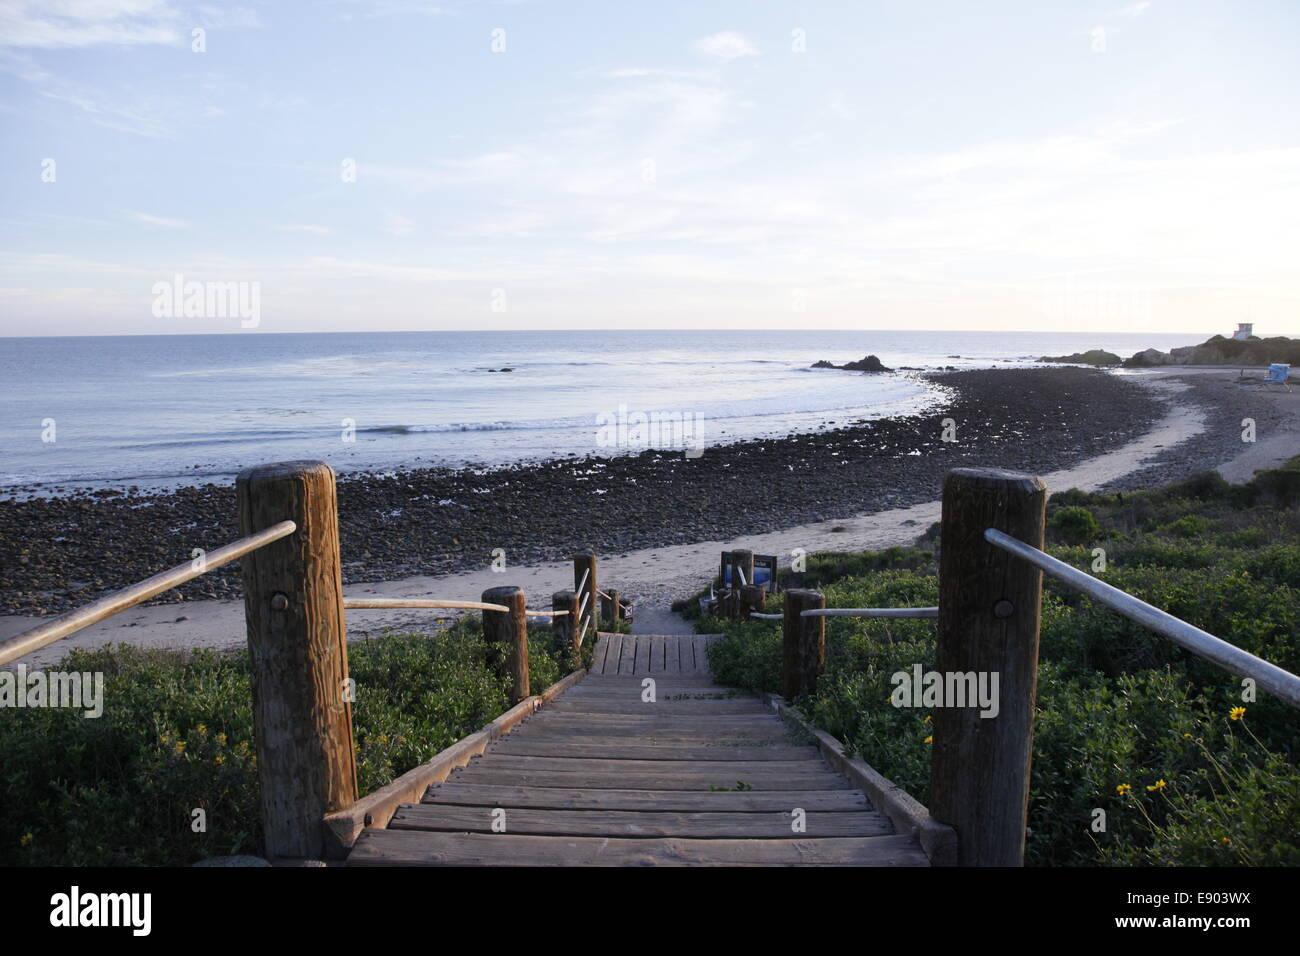 Stairway to Malibu - Stock Image